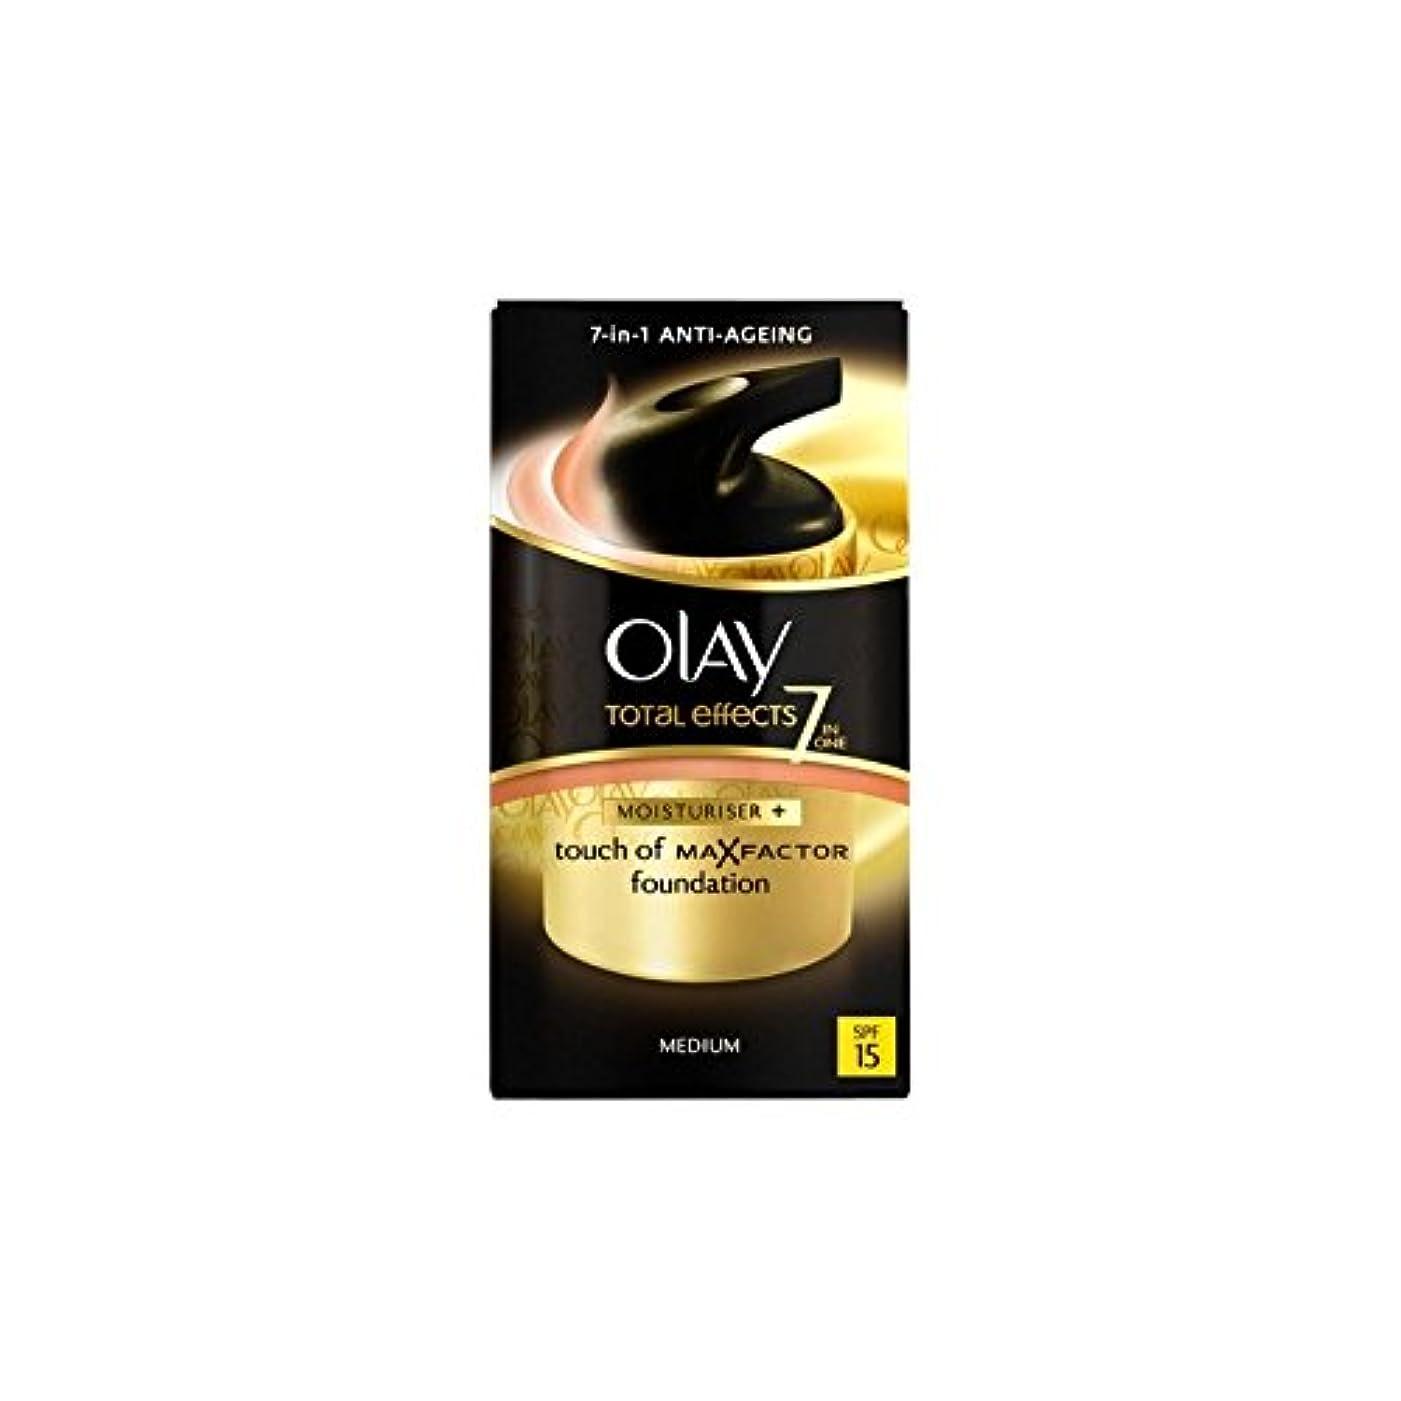 夏コマースサミットOlay Total Effects Moisturiser Bb Cream Spf15 - Medium (50ml) - オーレイトータルエフェクト保湿クリーム15 - 培地(50ミリリットル) [並行輸入品]